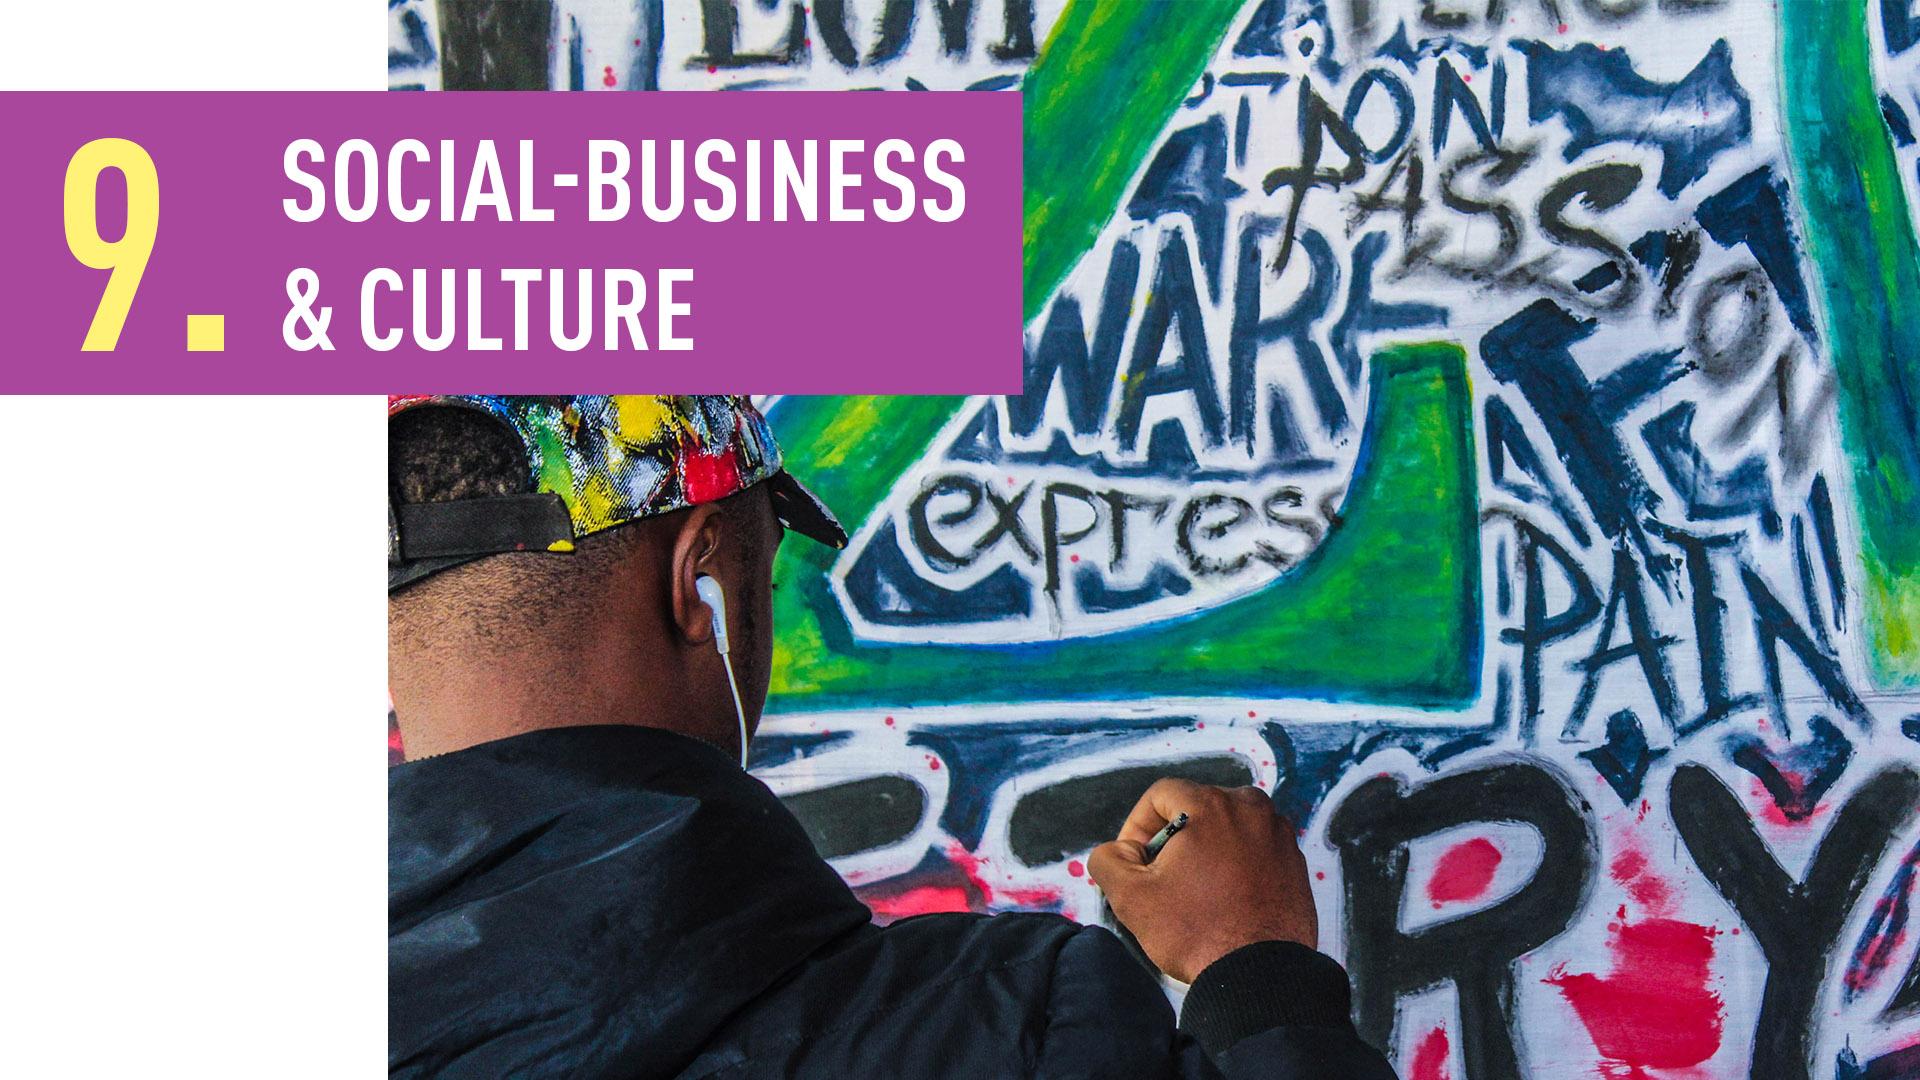 SOCIAL-BUSINESS & CULTURE